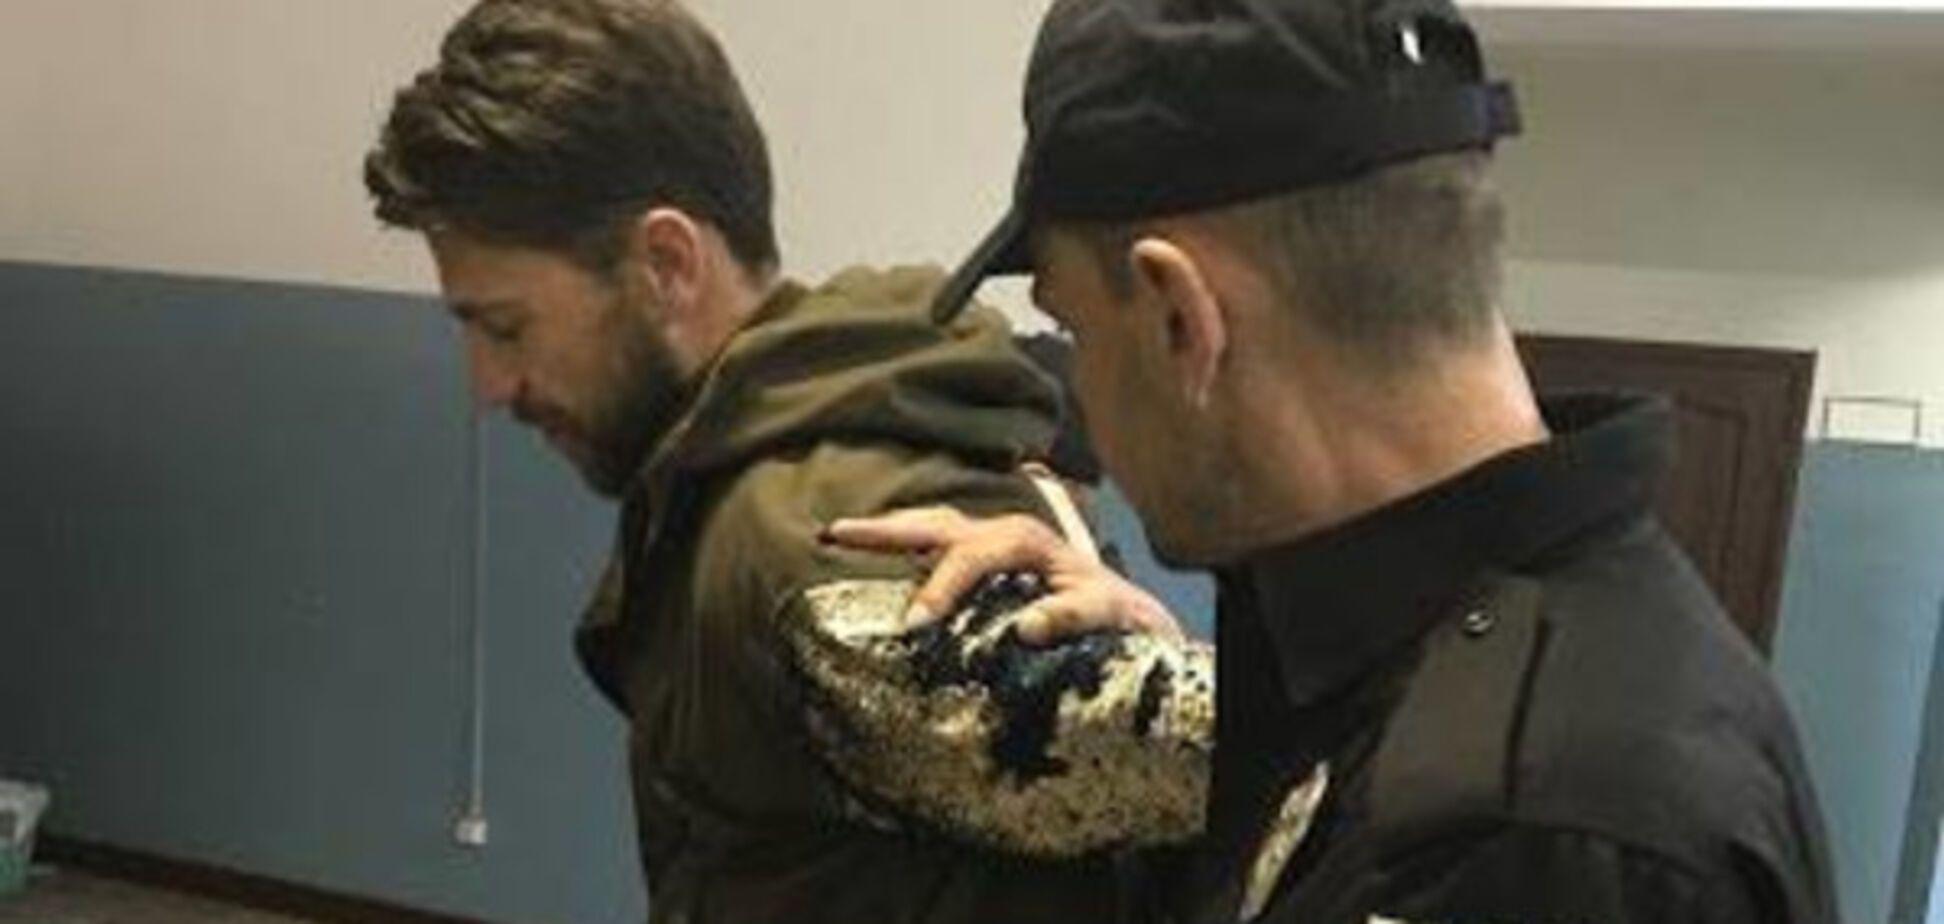 'Этот позор страны': оголившего зад на 'Евровидении' мужика посадили в СИЗО. Фотофакт